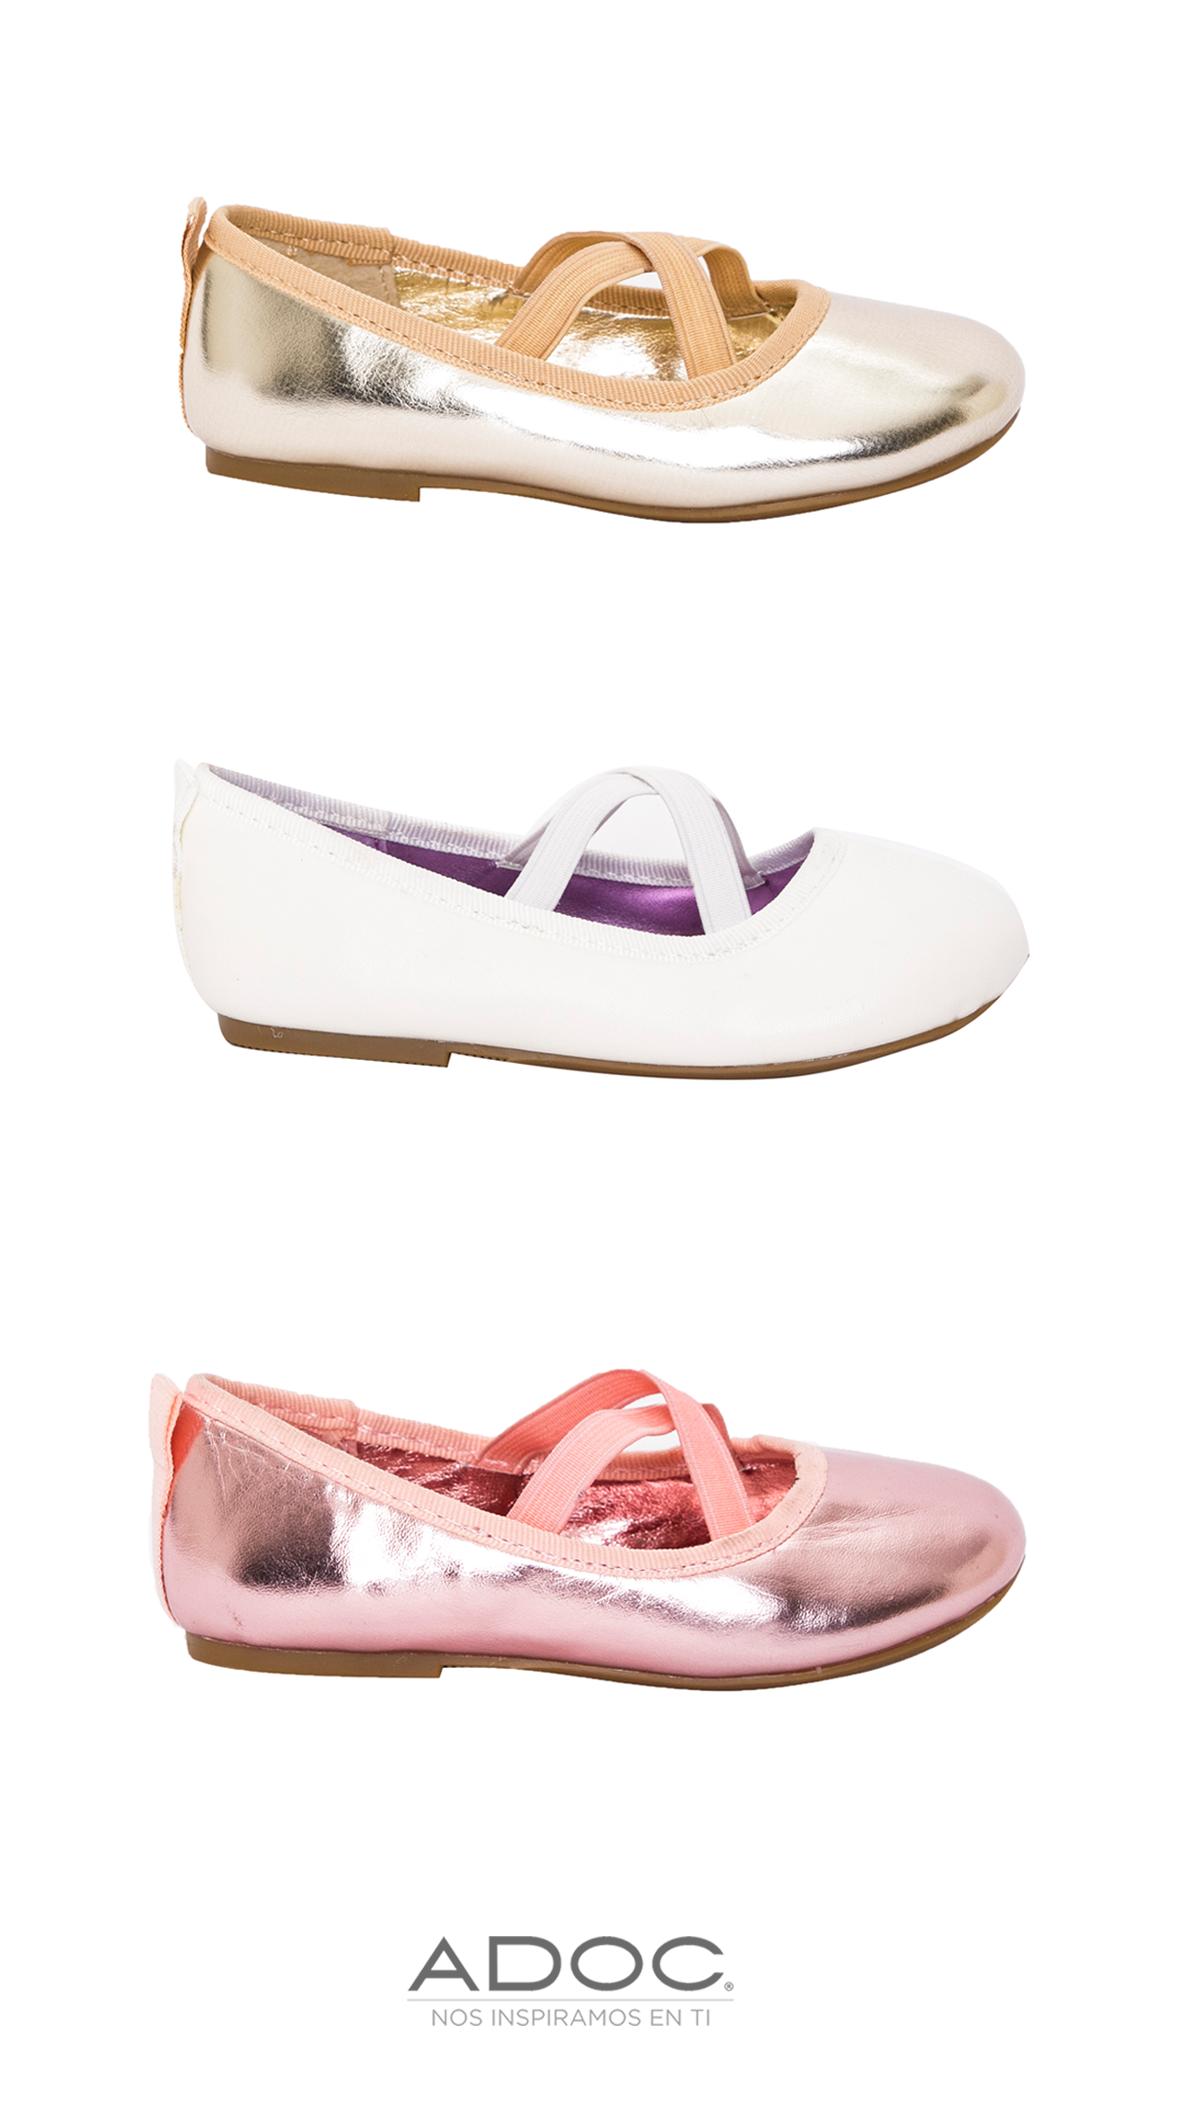 289d94885af Zapatos Leviz para niña disponibles en tiendas ADOC de Centroamérica.  Tallas disponibles de la 5-10